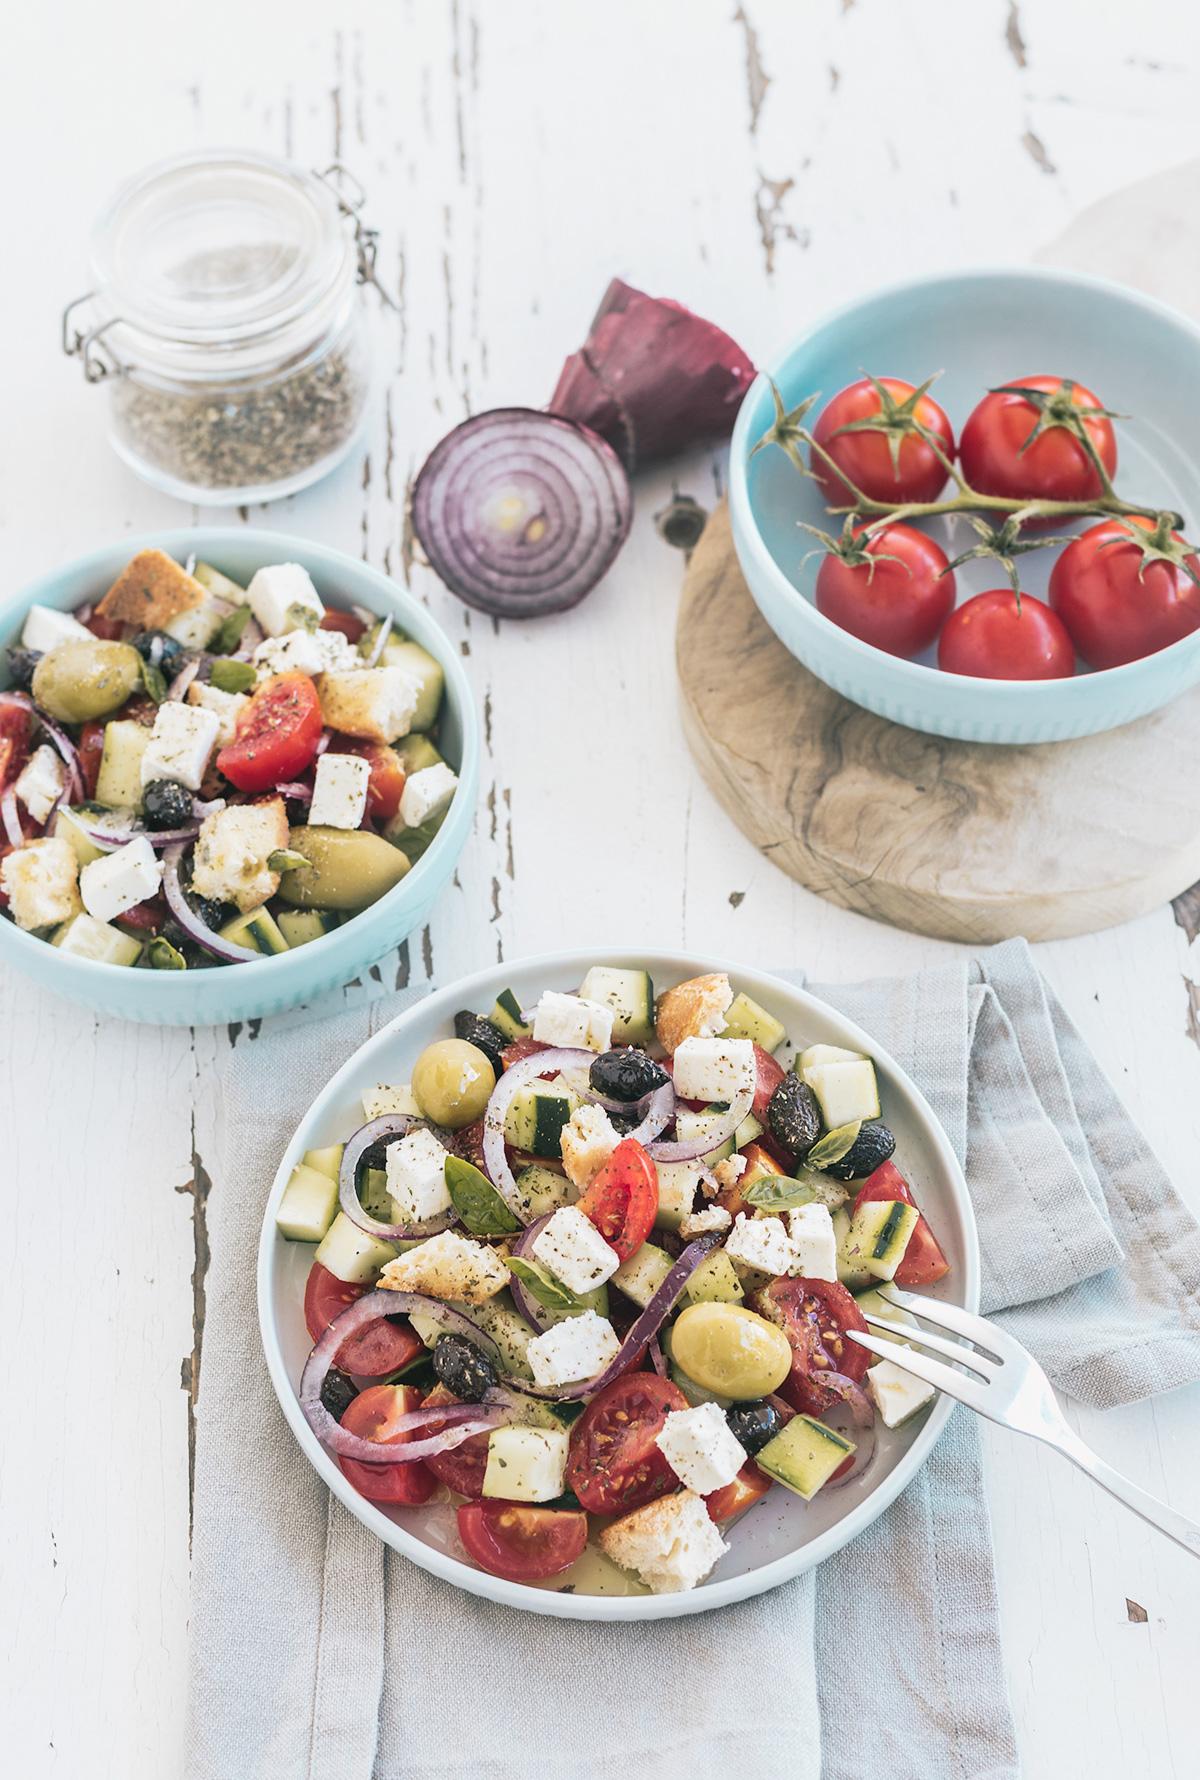 Insalata greca - la ricetta originale, come mi hanno insegnato a Creta